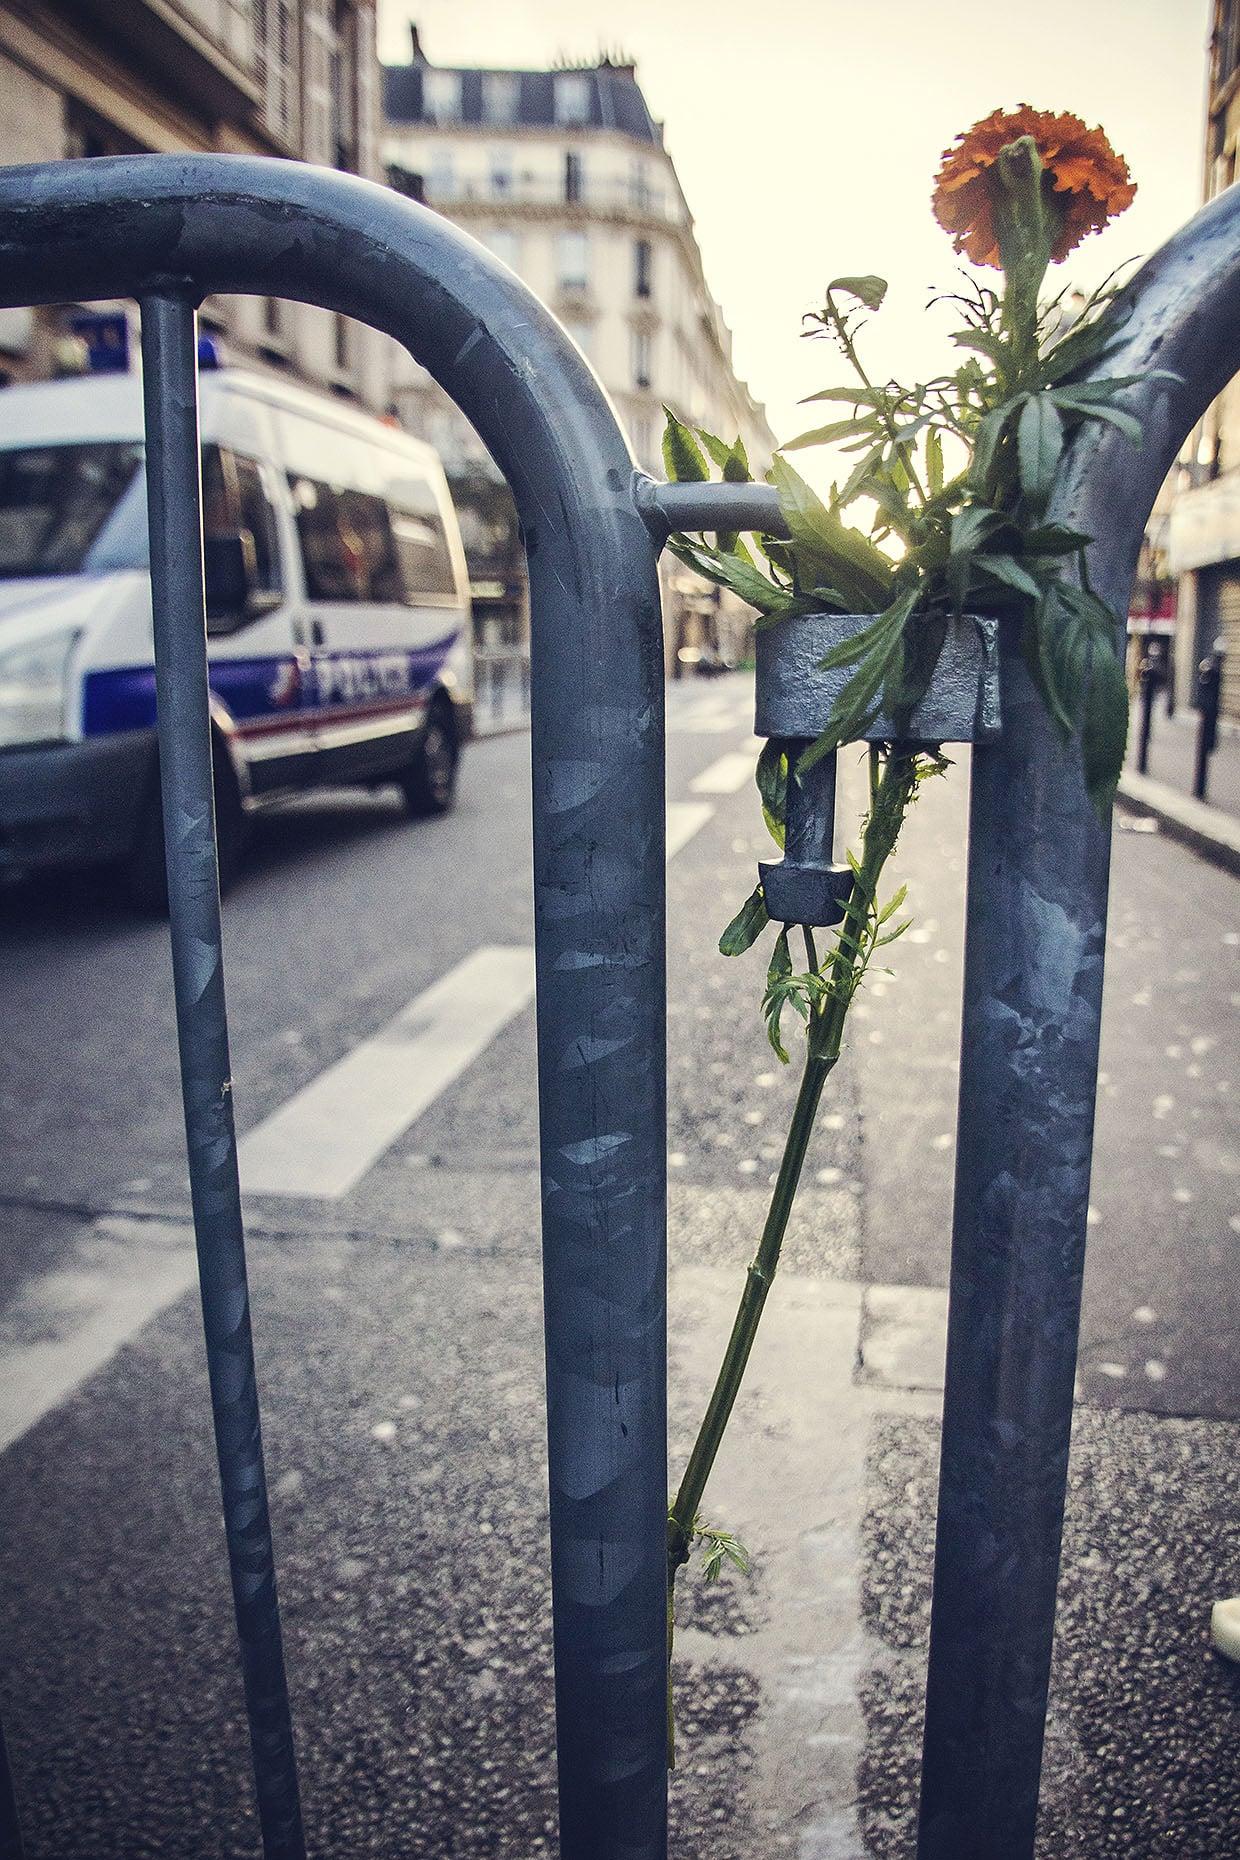 Paris_MemorialSite_06.jpg